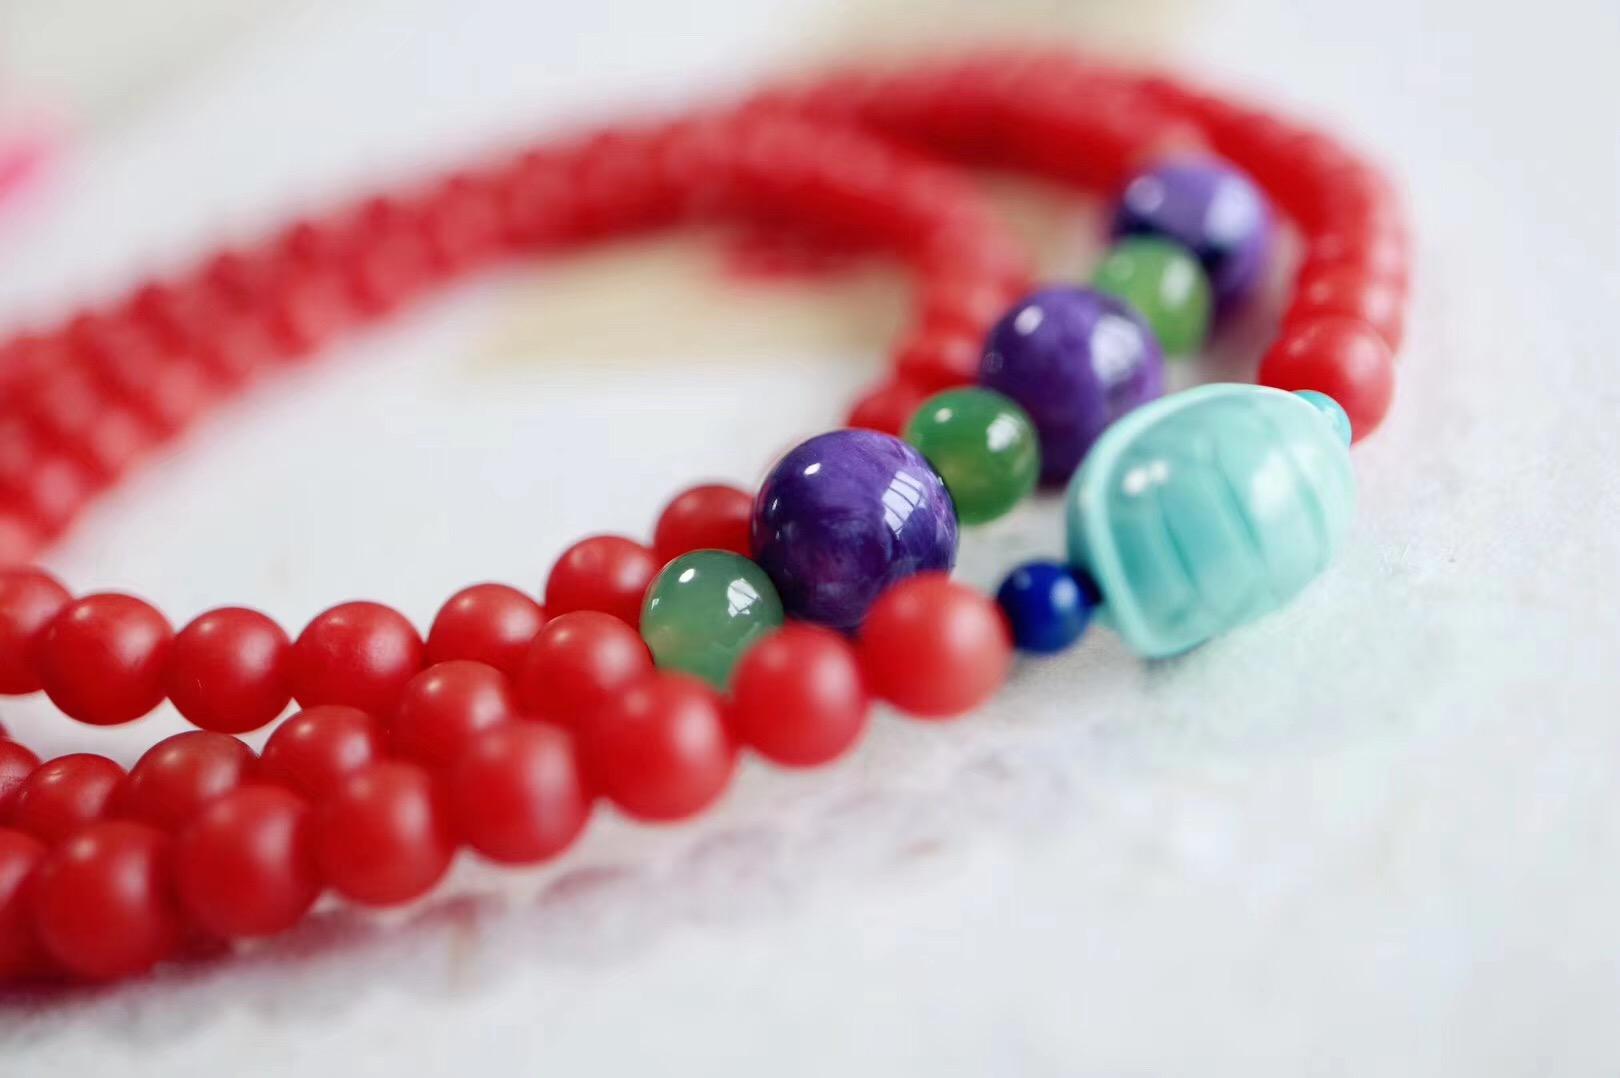 【菩心保山南红 | 绿松石】对于红色总是有着一种莫名的喜爱~-菩心晶舍